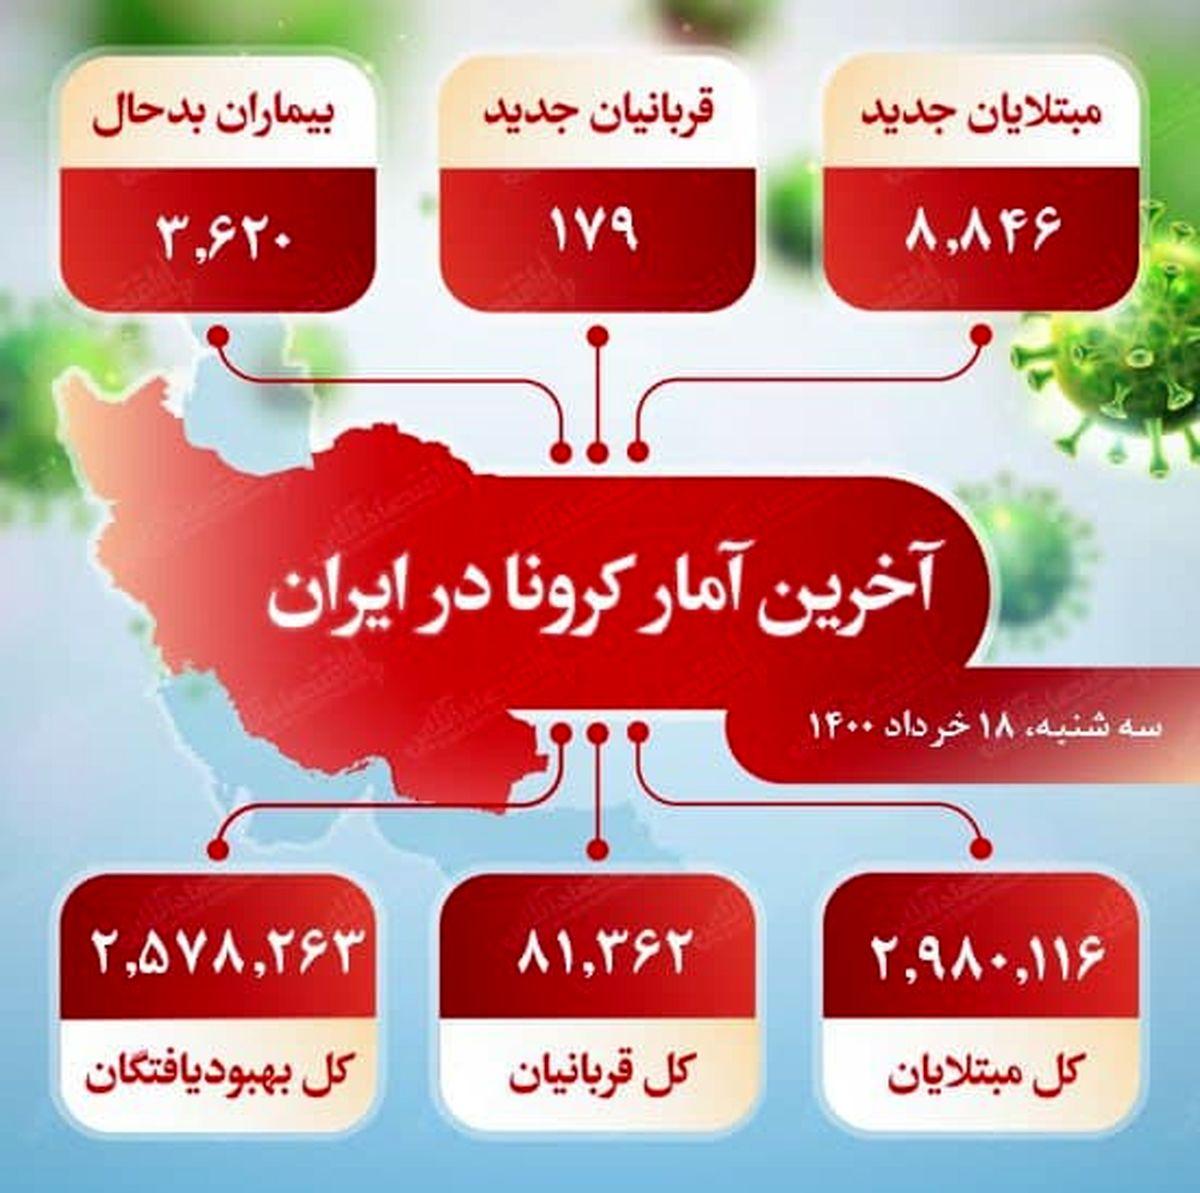 آخرین آمار کرونا در ایران (۱۴۰۰/۳/۱۸)